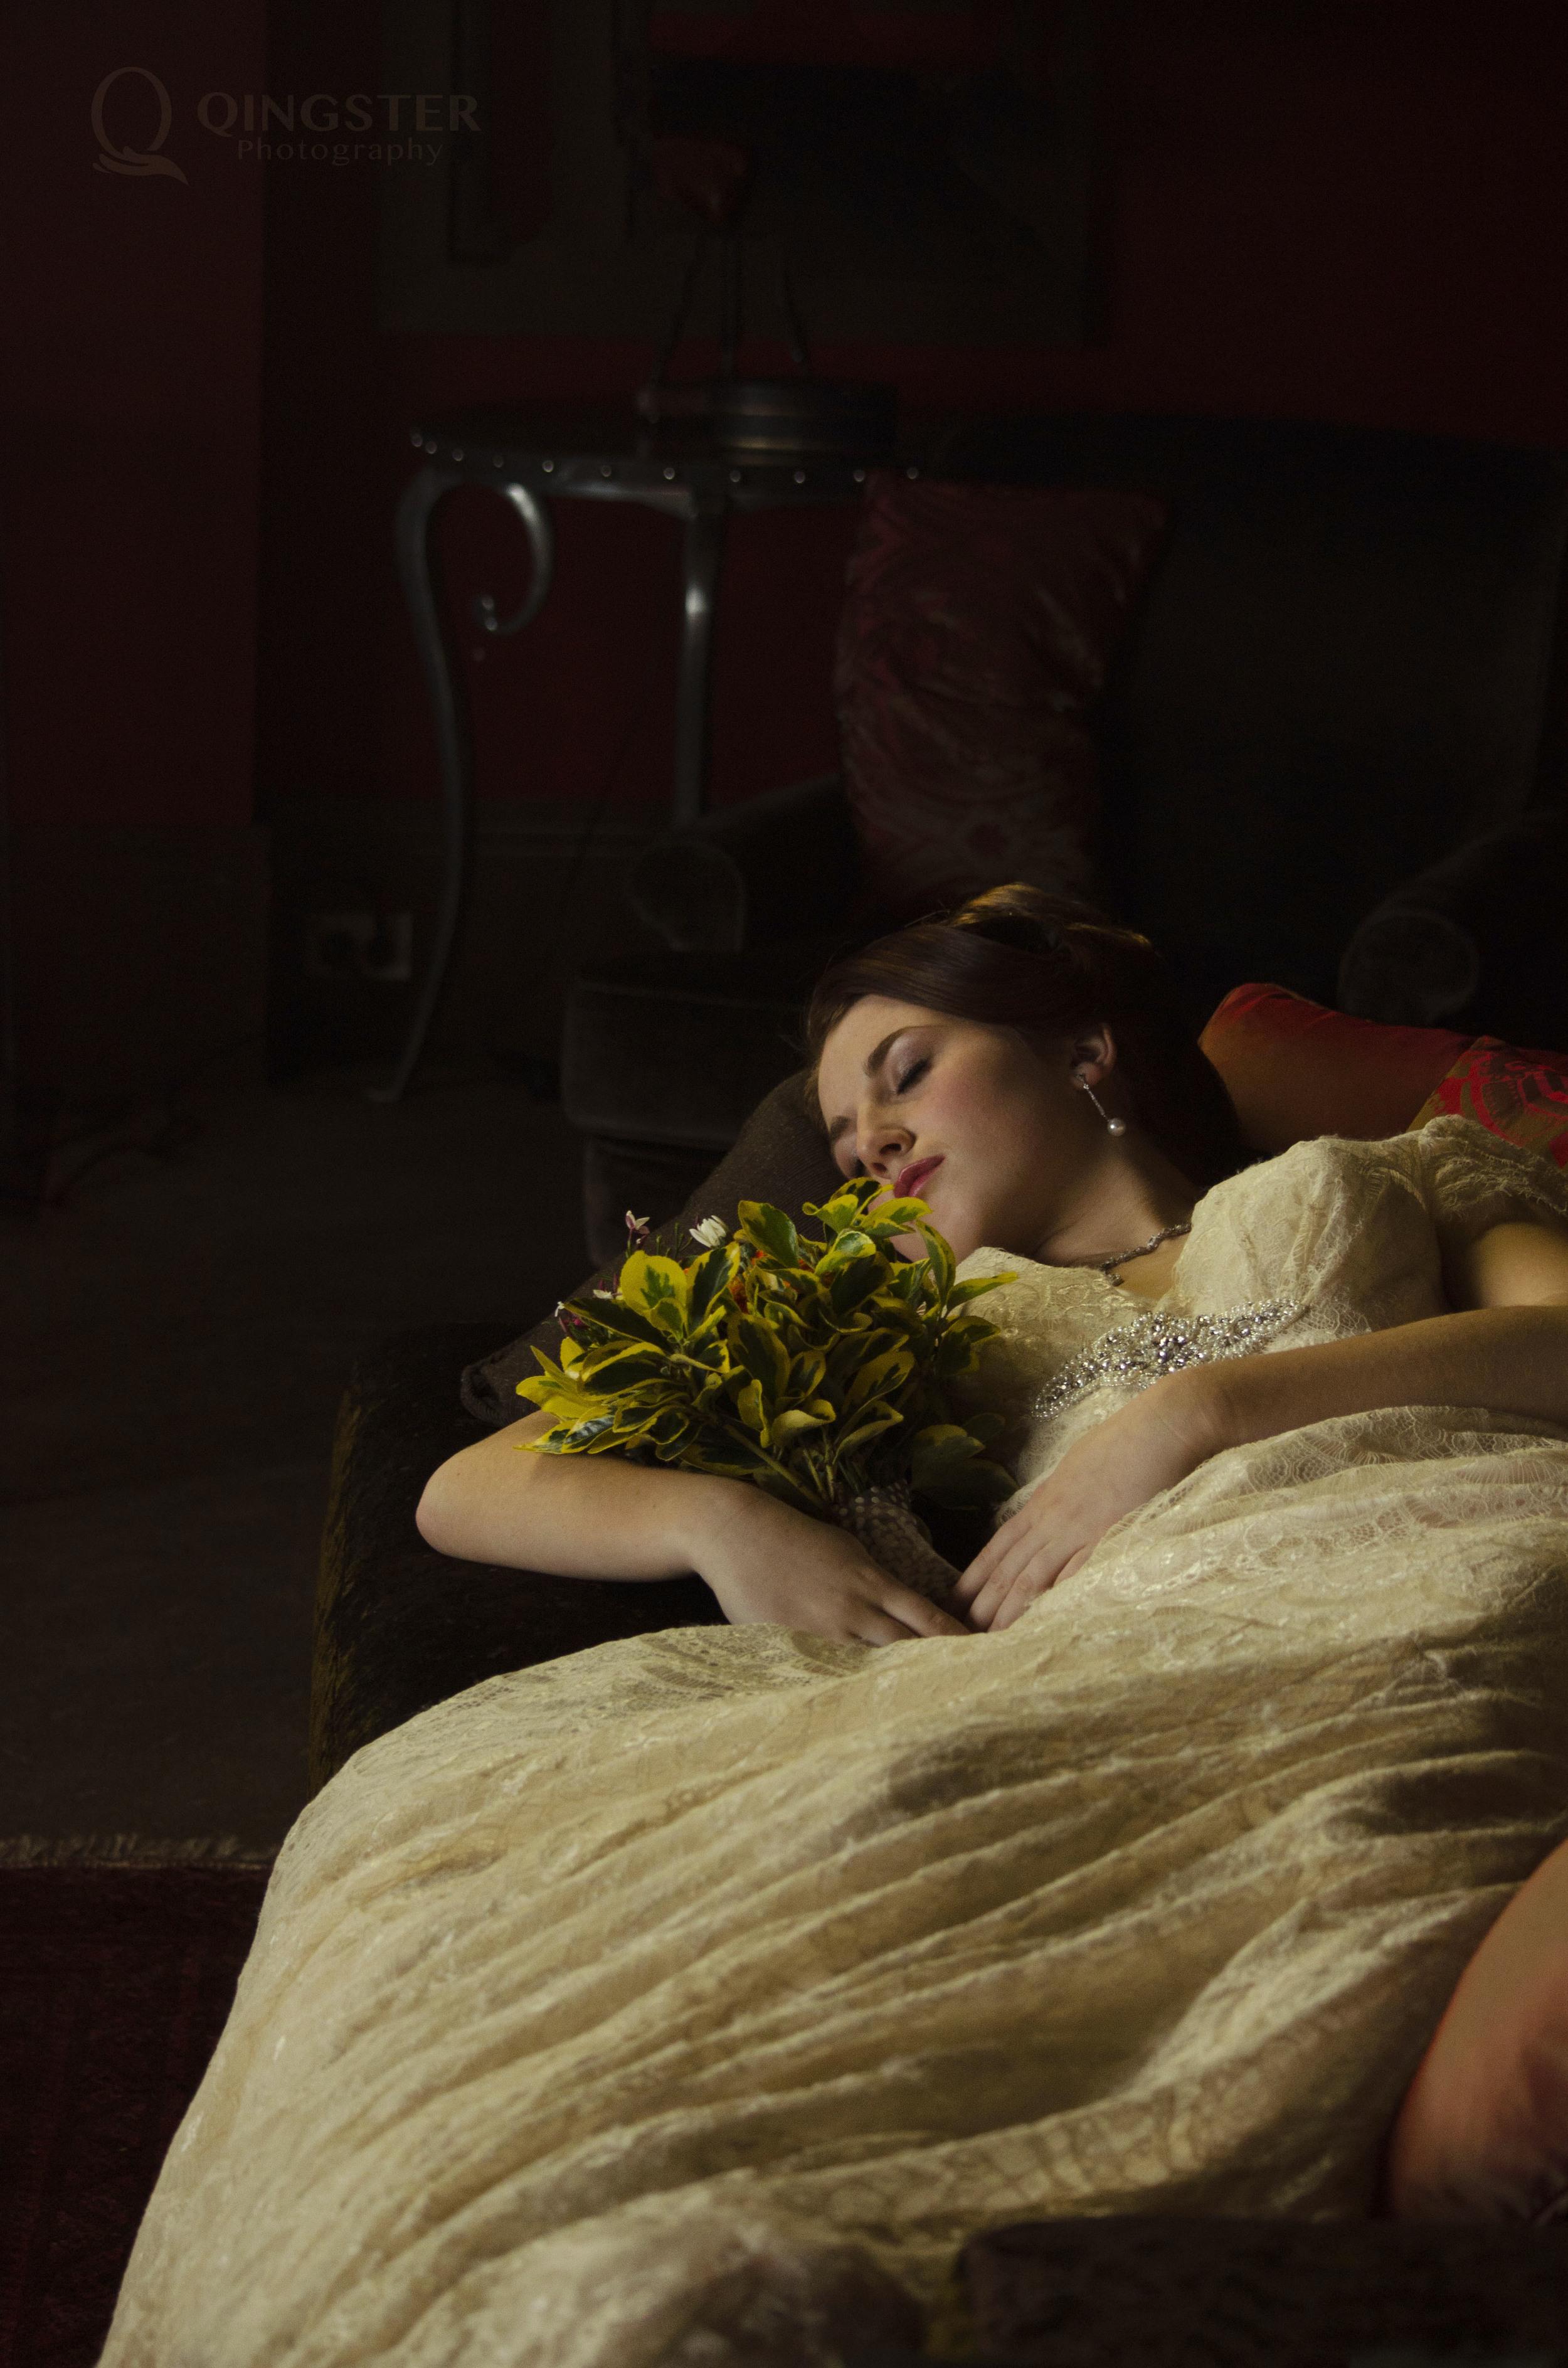 回到鲜花铺满小径的梦中    每个年代的少女    大概都会遇见她的白马王子吧。。。